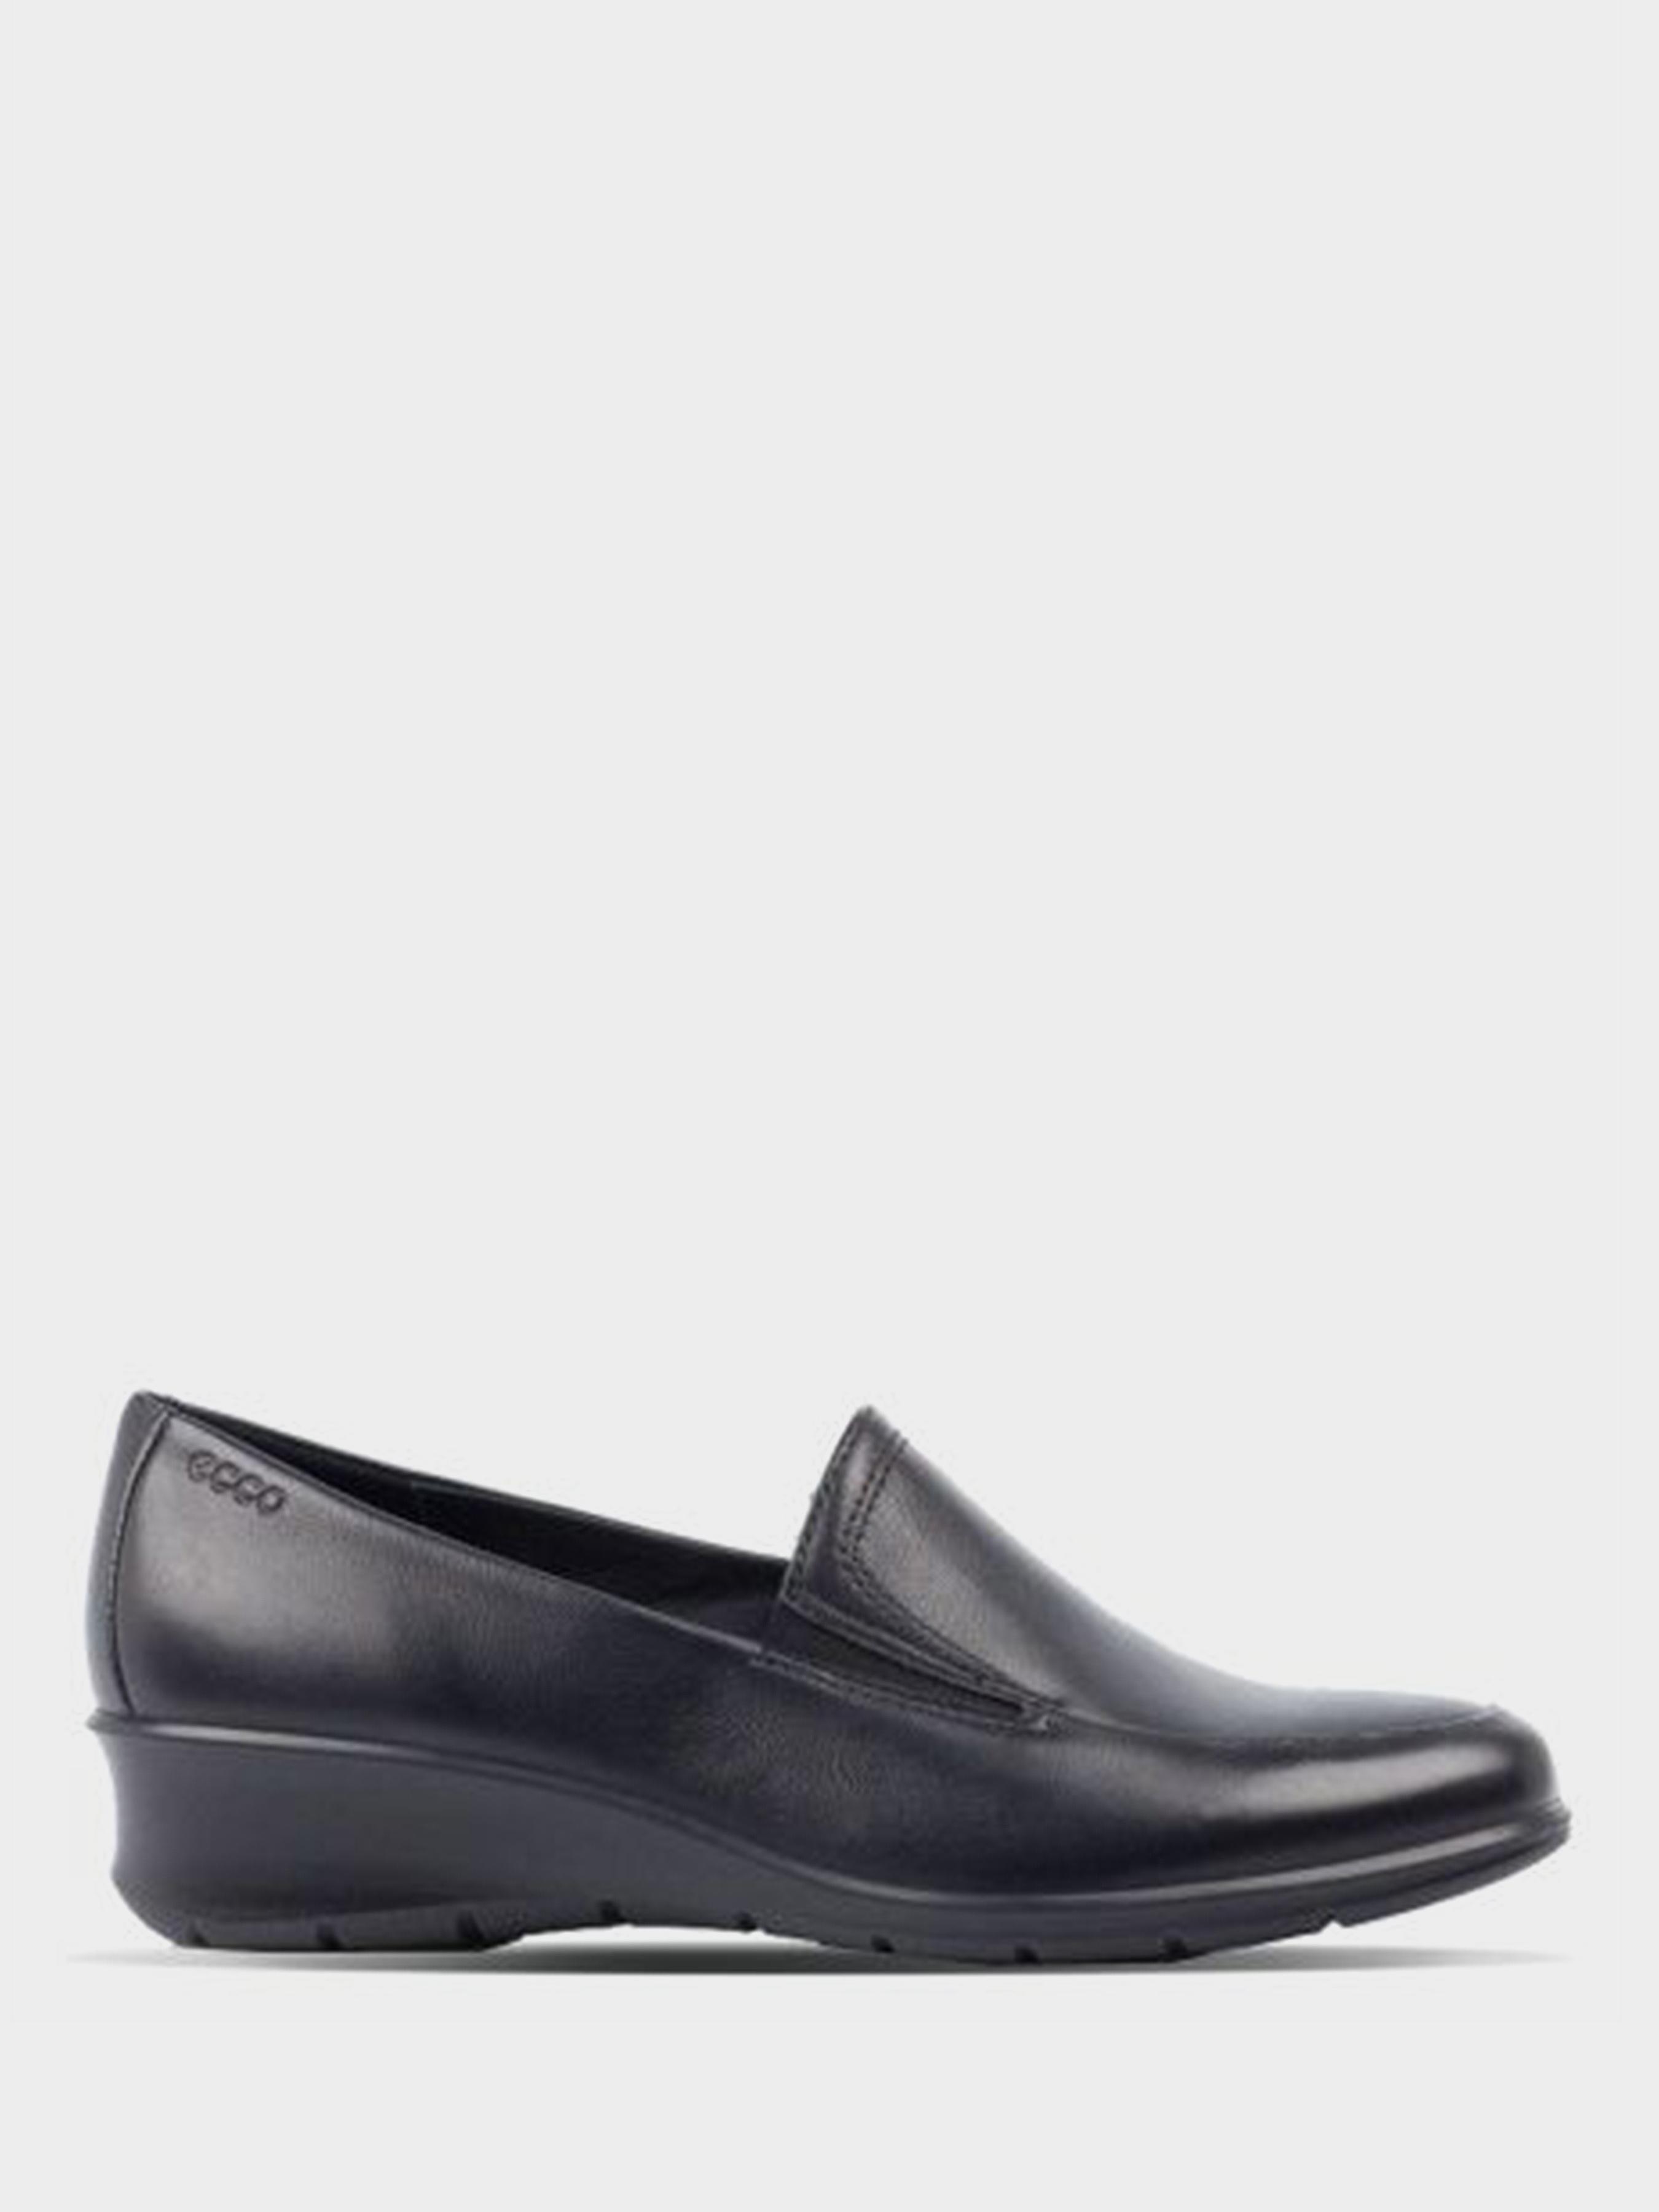 Полуботинки женские ECCO FELICIA ZW5200 брендовая обувь, 2017